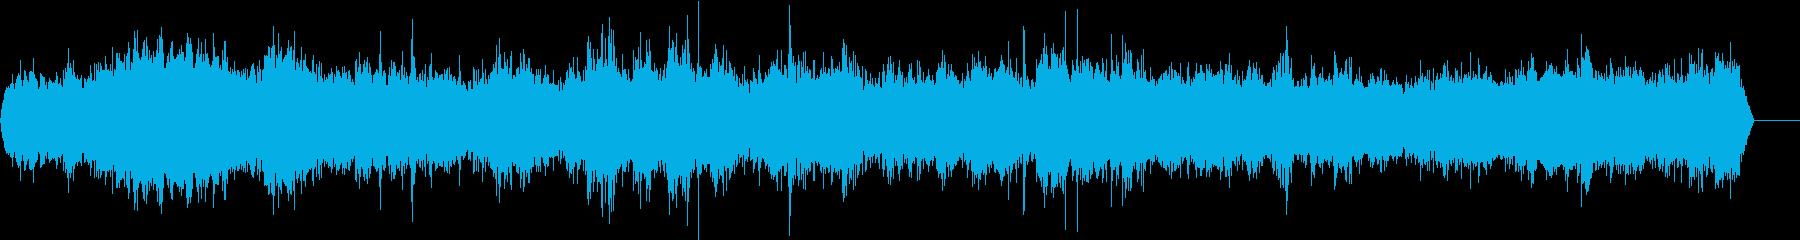 プリンシペストリートヴァイオリニストの再生済みの波形